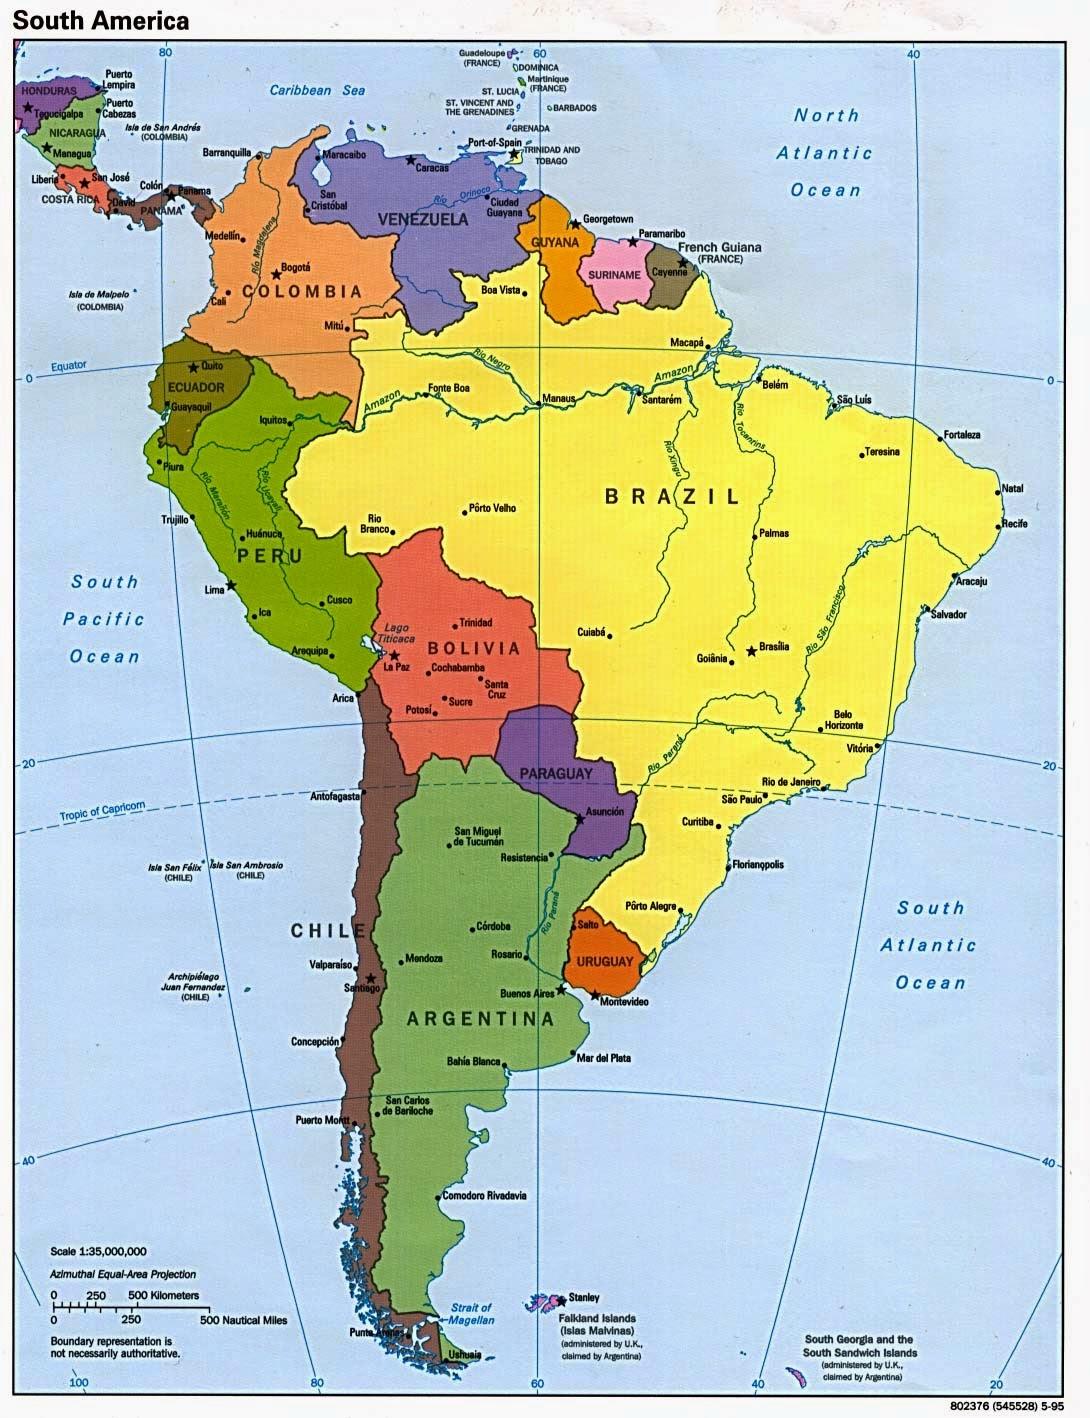 Mapa Sudamerica Y Centroamerica.Mapas De America Del Sur Y Centroamerica Mas De 250